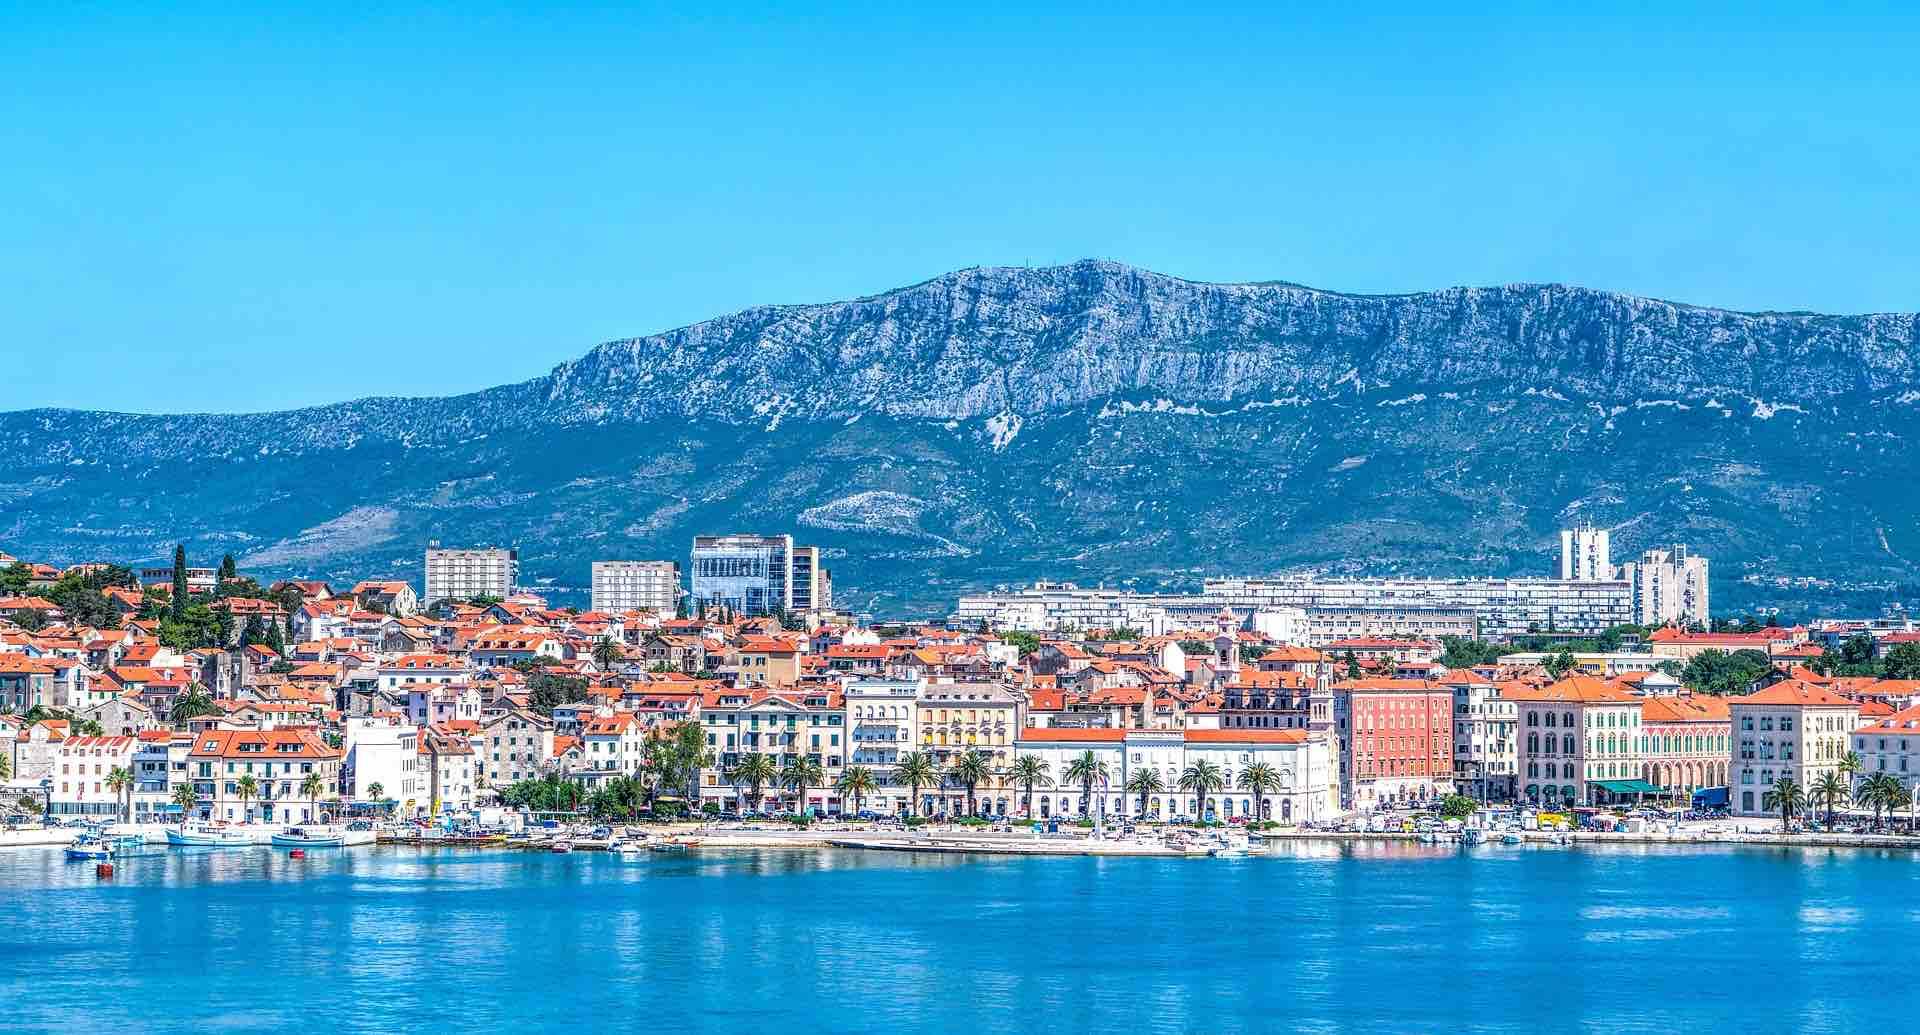 Kør-selv-ferie til Kroatien – Her er 3 populære destinationer